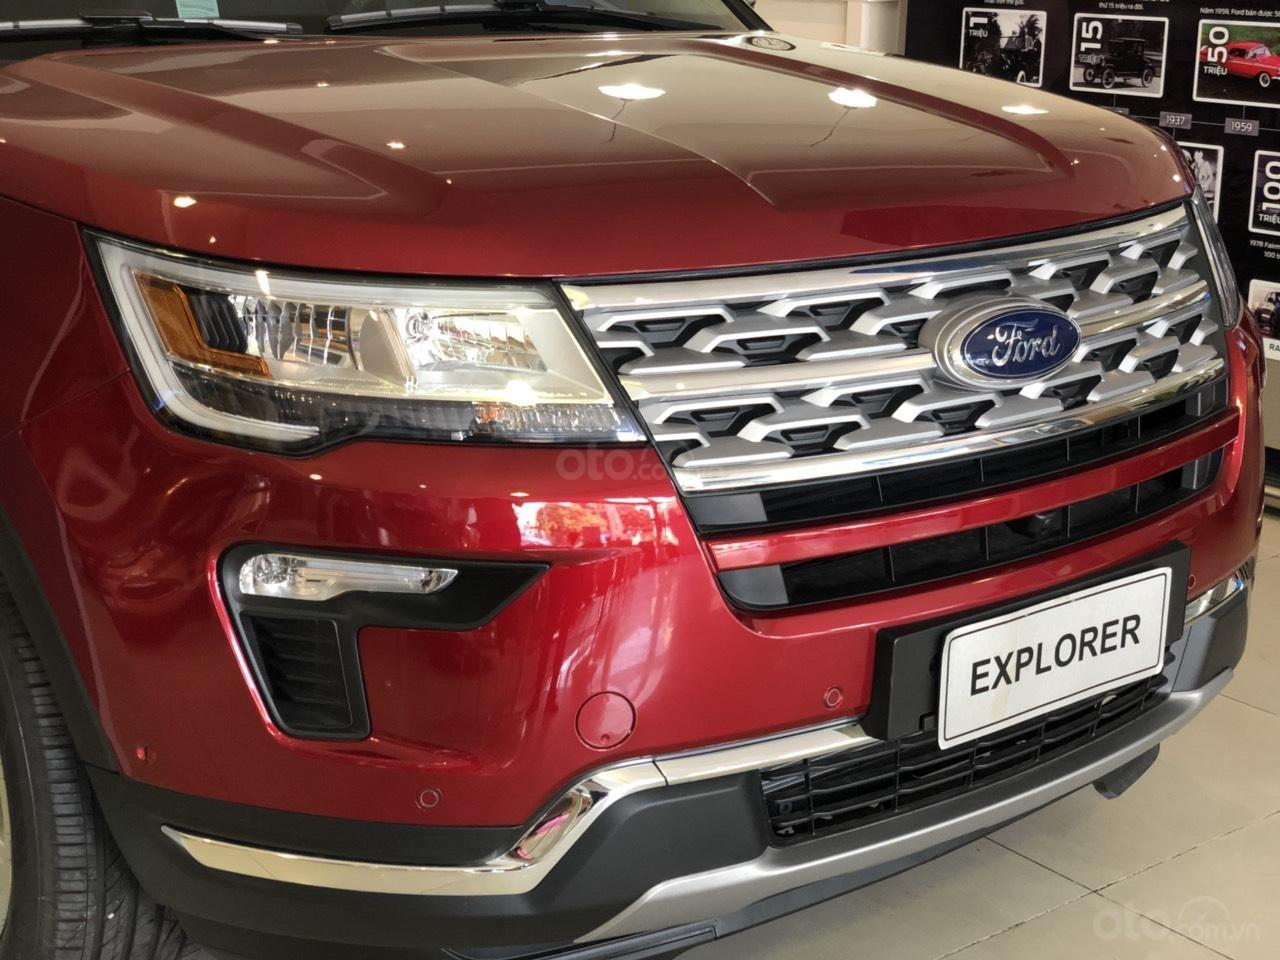 Ford Explorer Ecoboost Limited khuyến mãi khủng tặng phụ kiện giá trị (6)